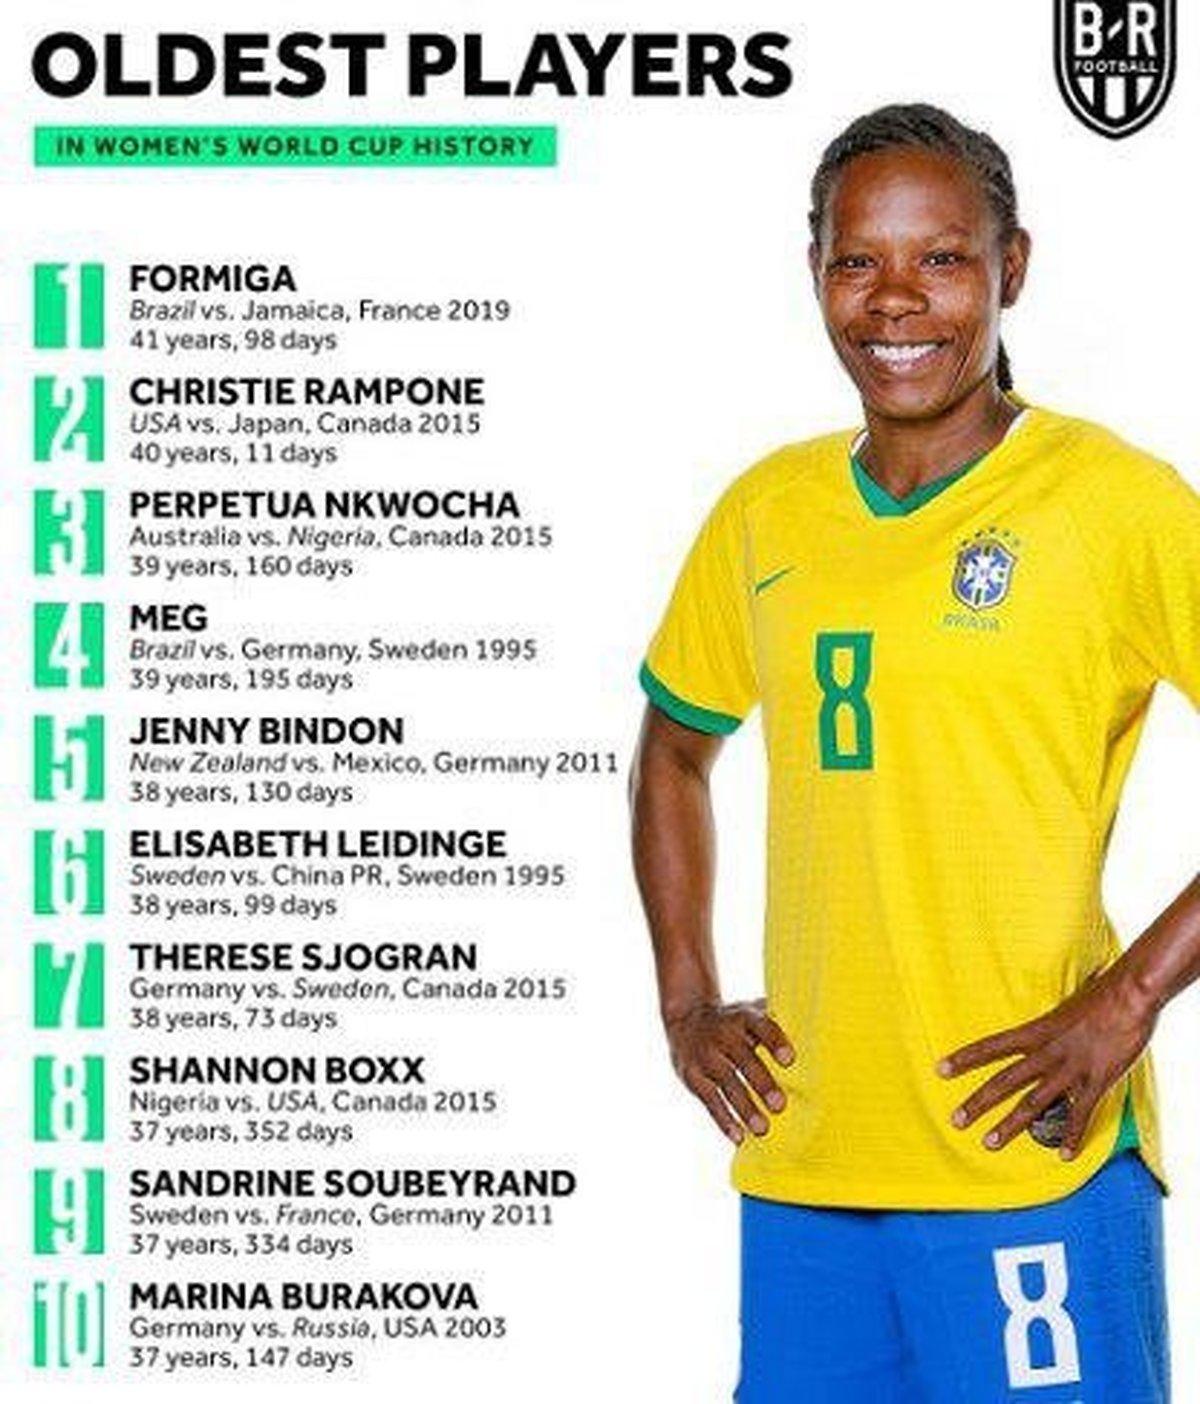 مسنترین بازیکن جام جهانی زنان را ببینید